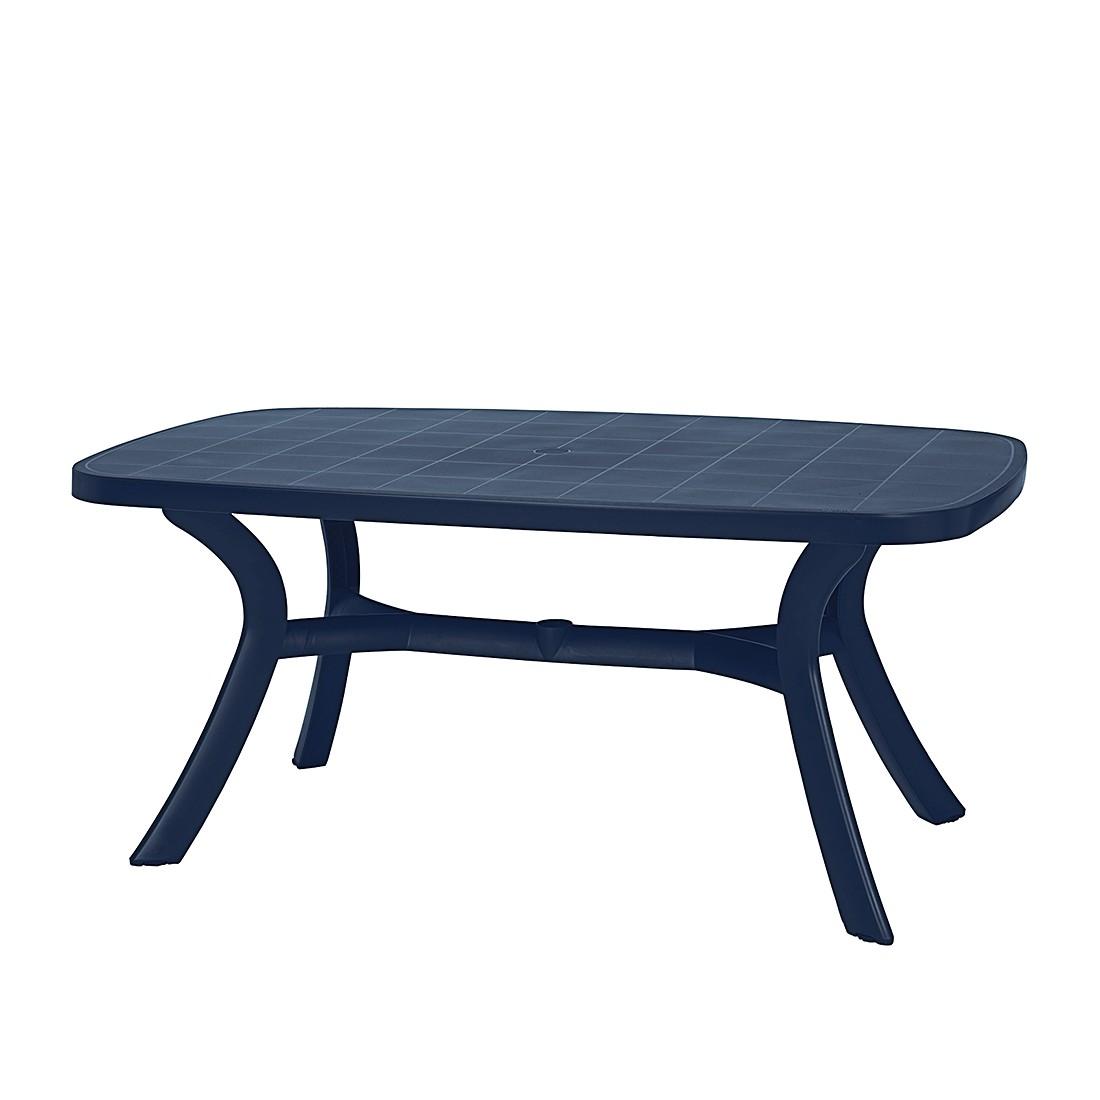 Gartentisch Kansas - Kunststoff - Blau, Best Freizeitmöbel